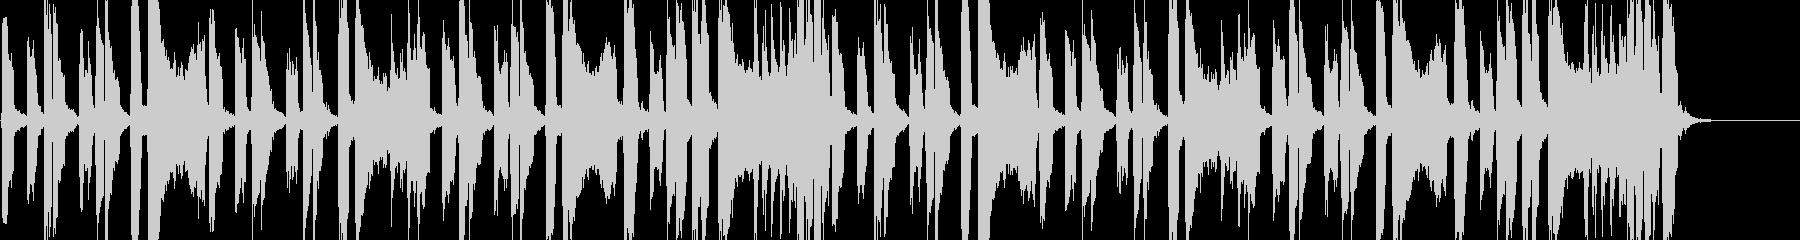 怪しげでコミカルな雰囲気 アニメ調BGMの未再生の波形